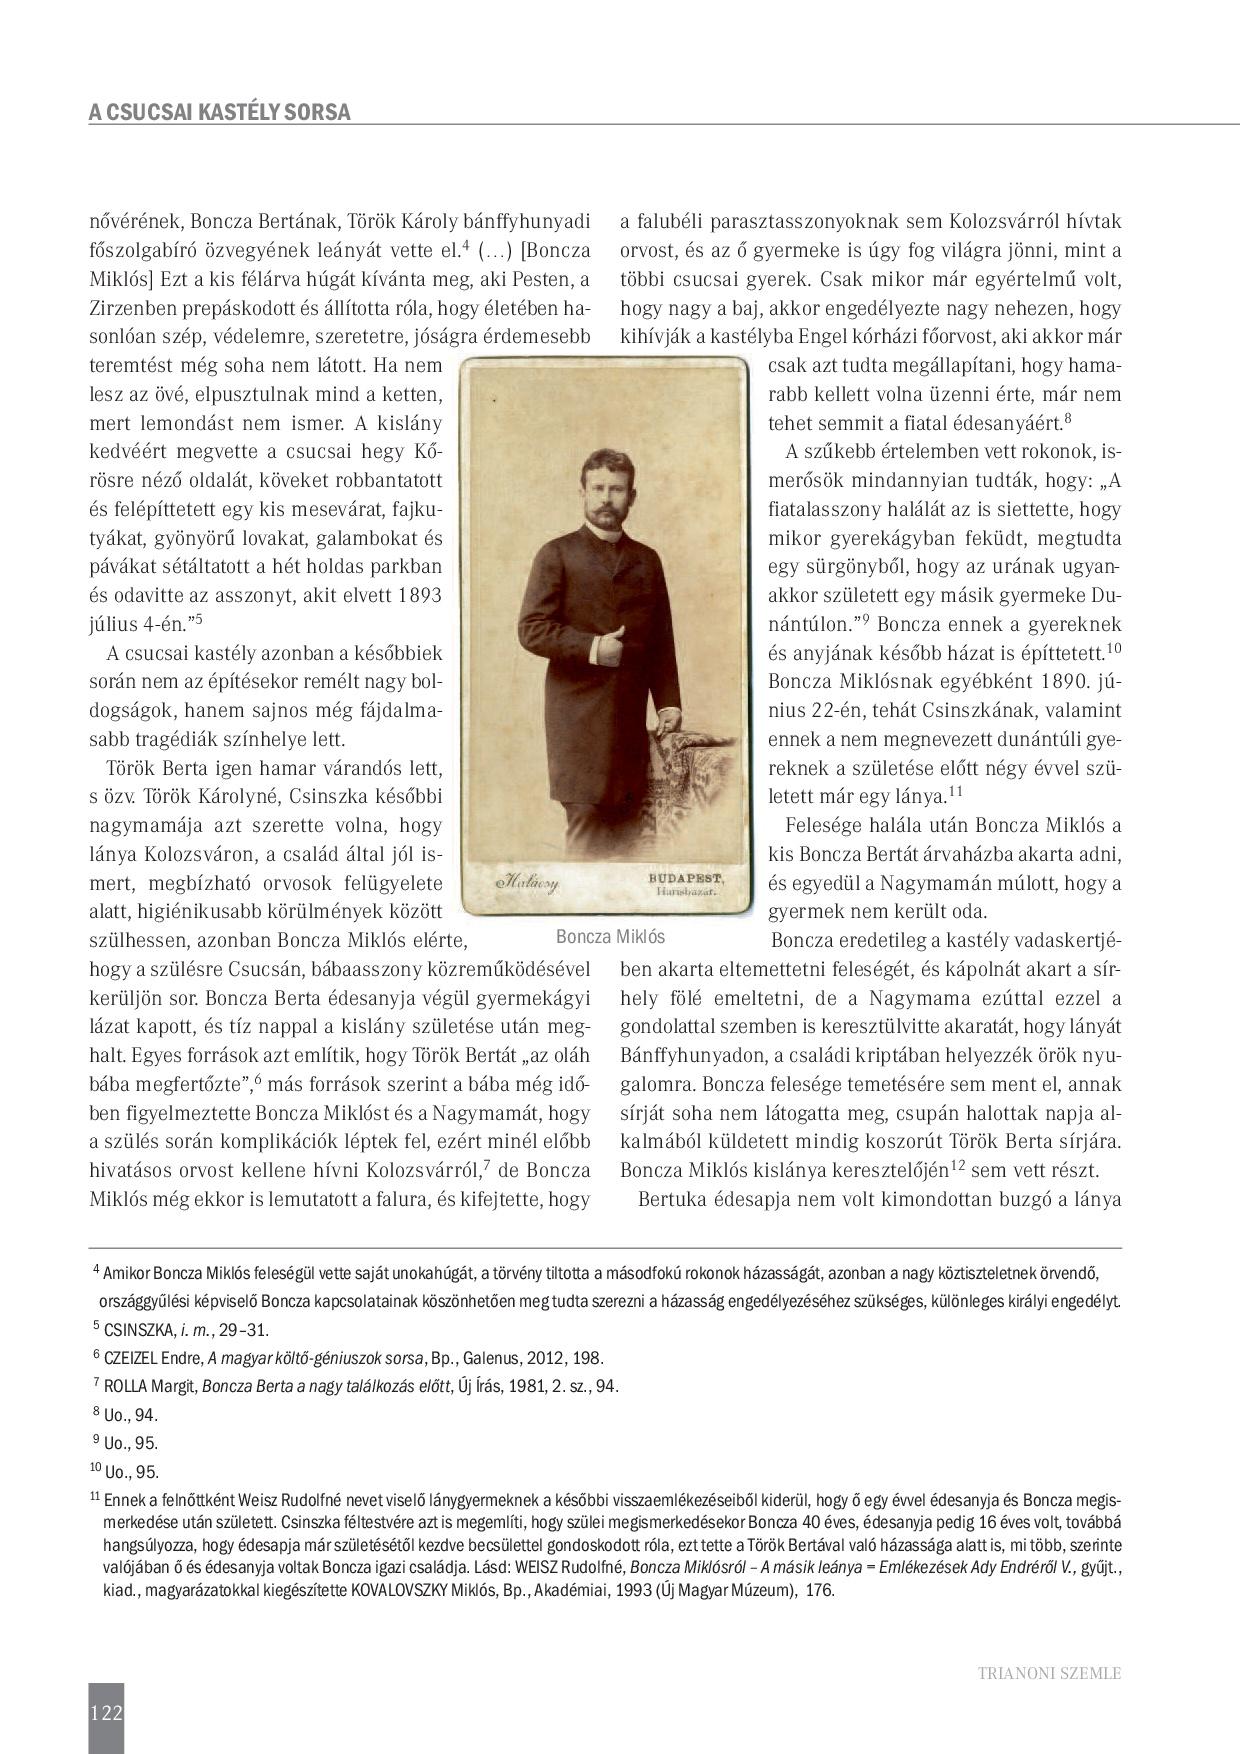 trianoni_szemle_pdf_1_-002.jpg